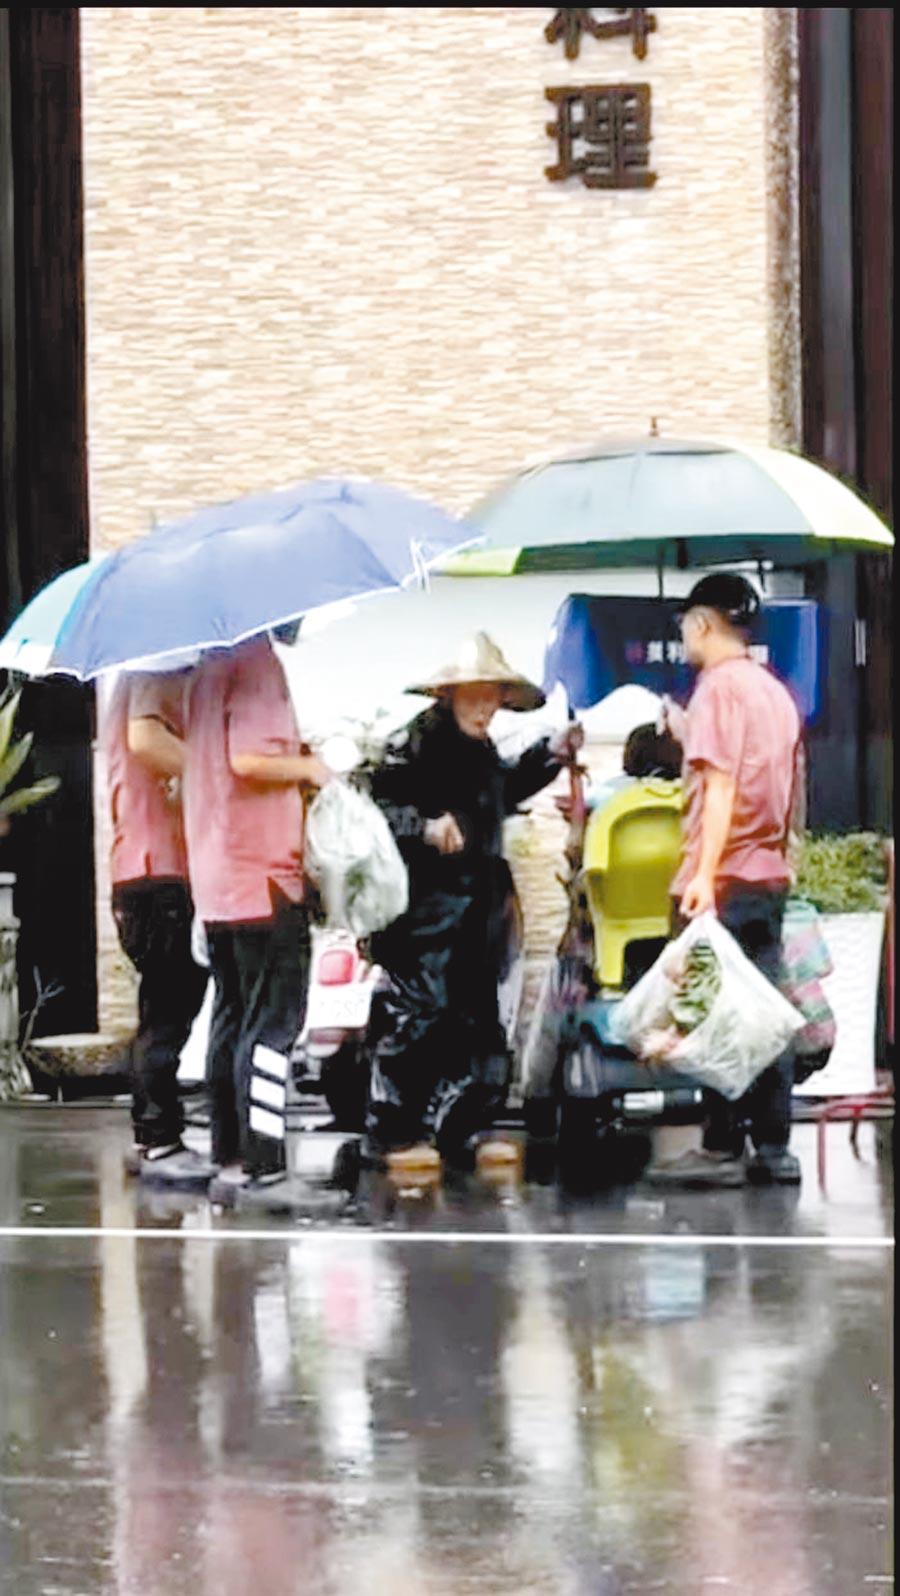 只是買個菜而已!吉品鐵板燒豐原店「暖廚」幫老農撐傘,還集資下架所有青菜,暖心之舉被路過民眾錄影拍下。(摘自《豐原好康聯盟社團》臉書社團)